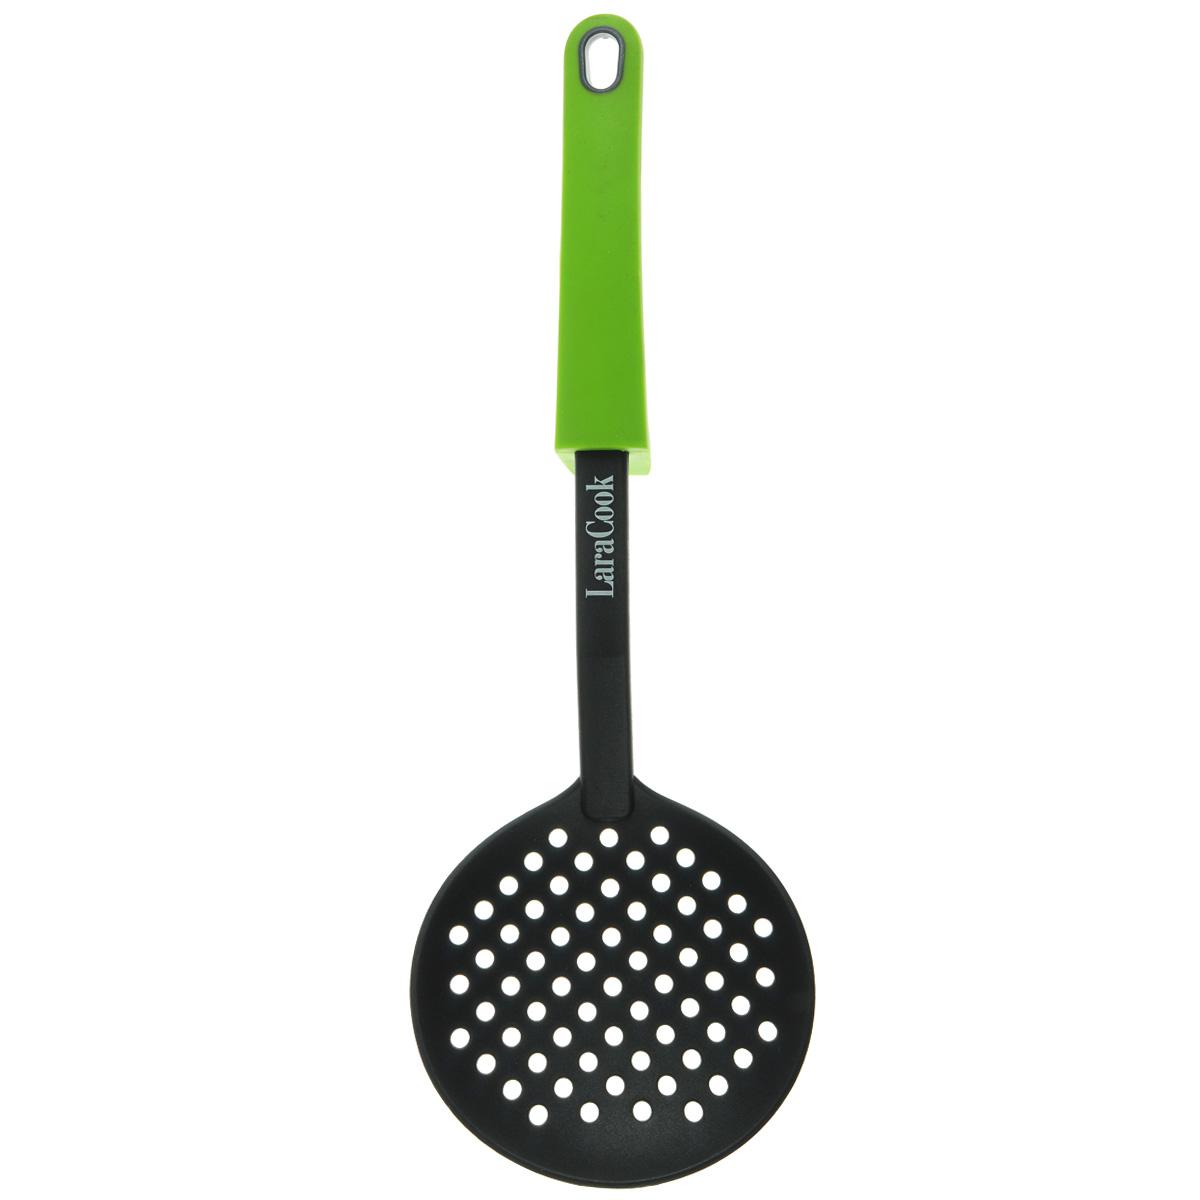 Шумовка Laracook, цвет: зеленый, длина 34 смLC-0916Шумовка Laracook изготовлена из термостойкого нейлона с прорезями для слива воды. Удобная ручка с упором обеспечивает надежный захват благодаря силиконовому покрытию. Такой шумовкой удобно вытаскивать блюда из кастрюли. На ручке имеется небольшое отверстие, за которое изделие можно подвесить в любом удобном для вас месте. Практичная и удобная шумовка займет достойное место среди аксессуаров на вашей кухне.